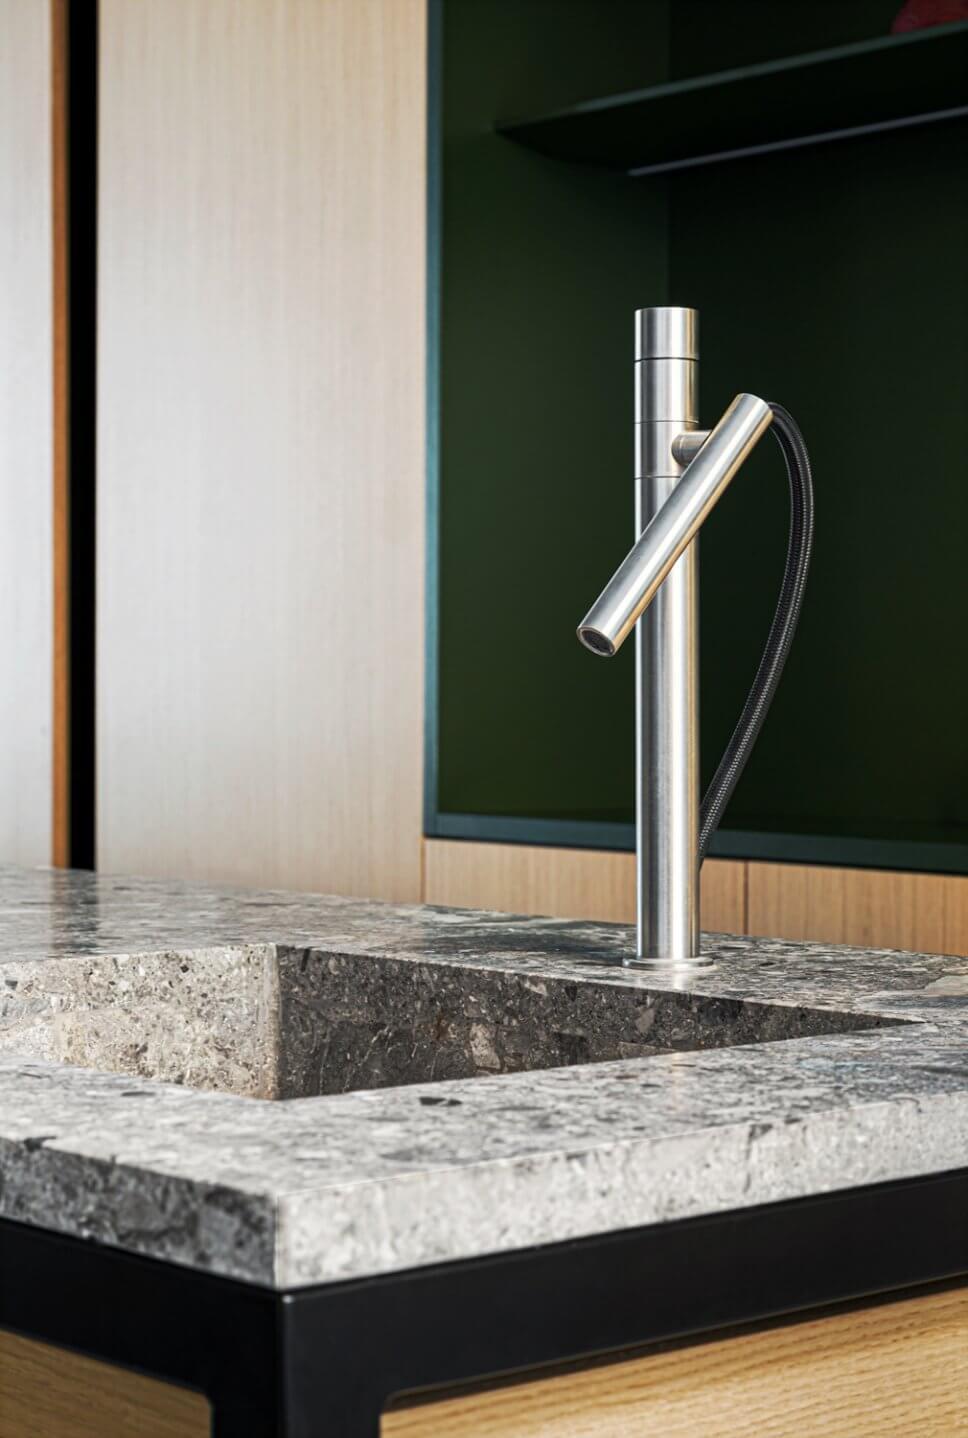 Formenreduzierter Edelstahl-Wasserhahn in moderner Wohnküche mit Marmor-Arbeitsplatte